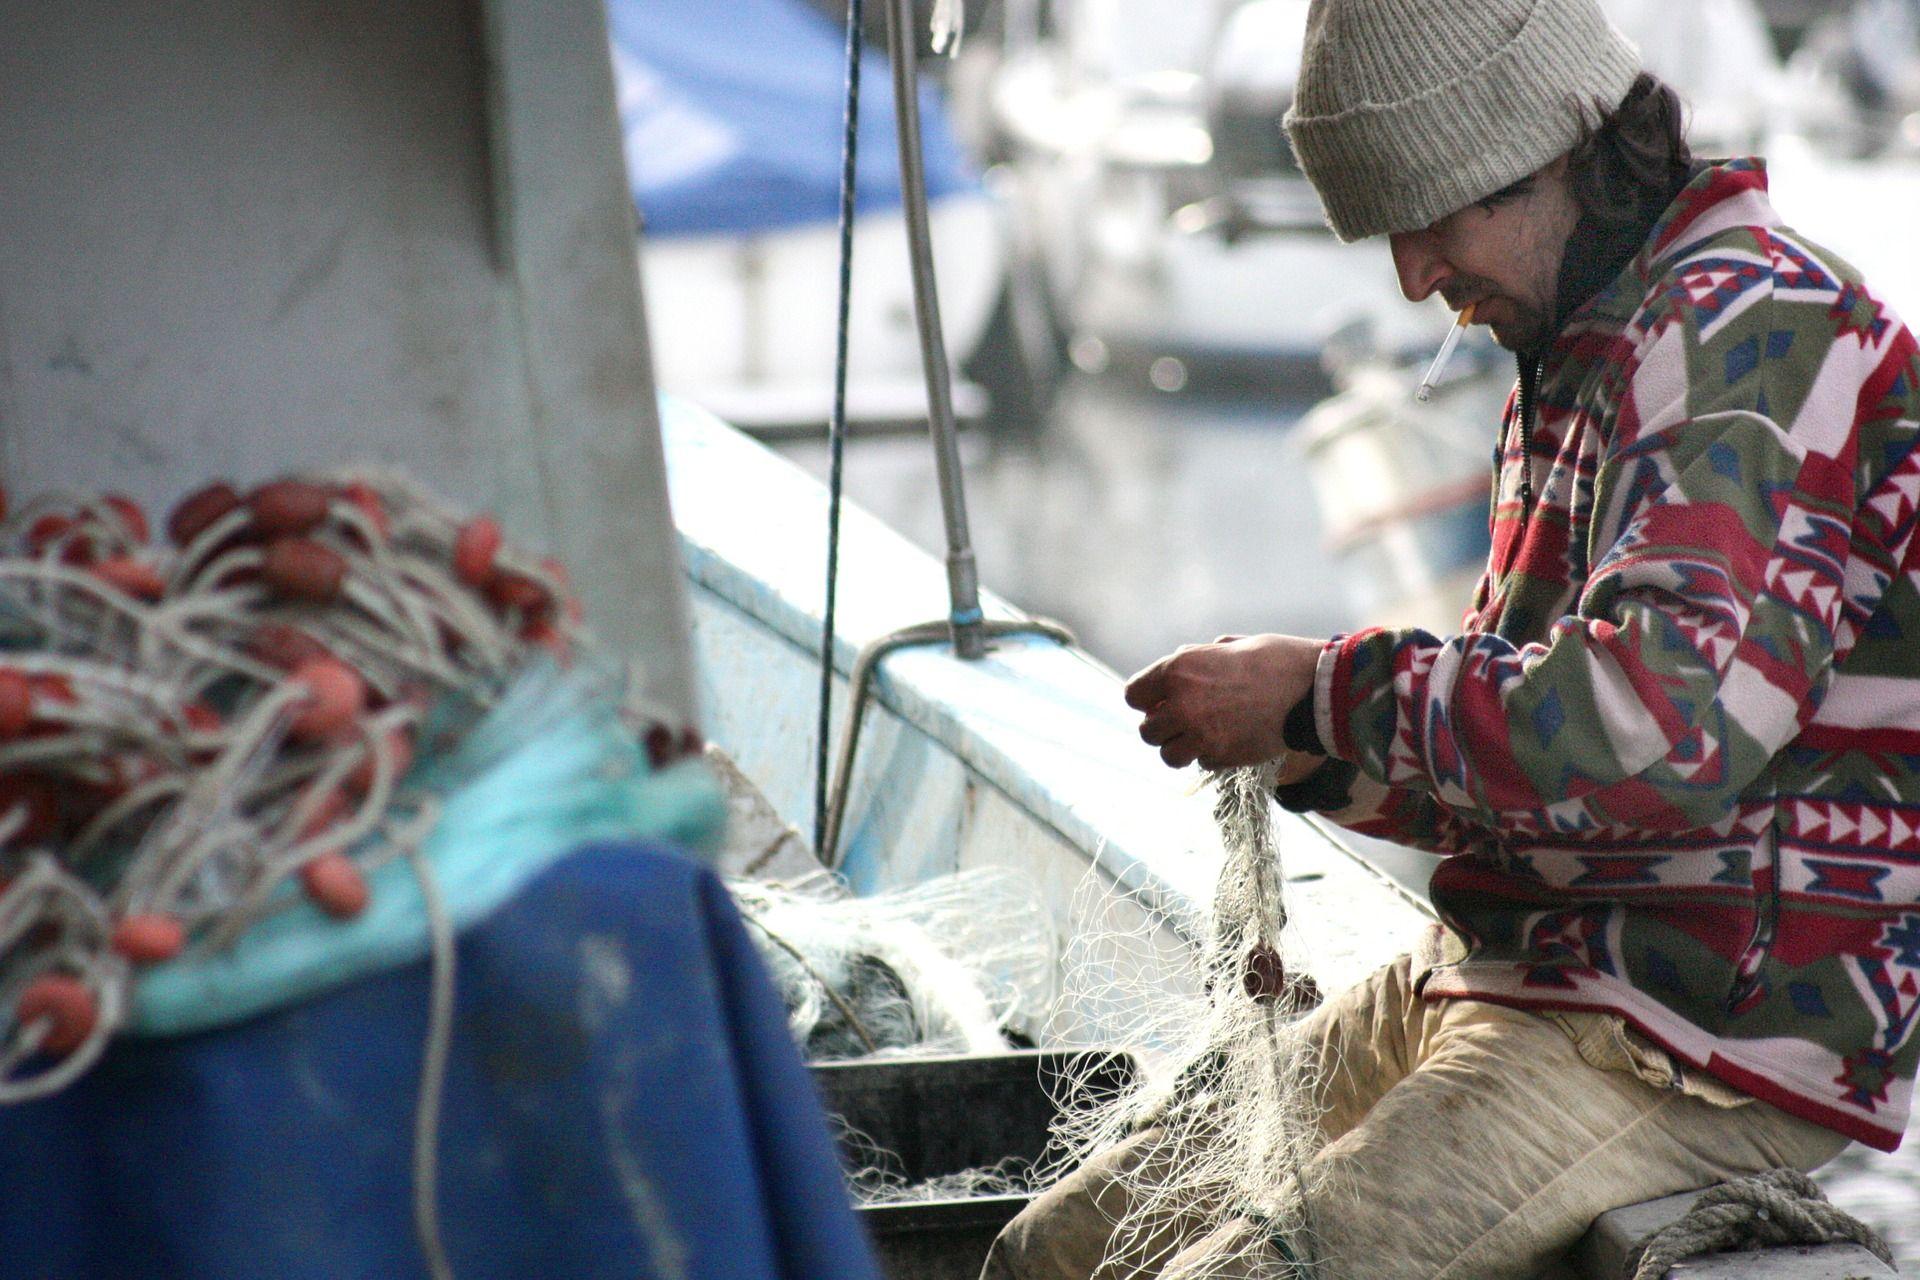 Las aseguradoras mundiales cierran la puerta a la pesca pirata